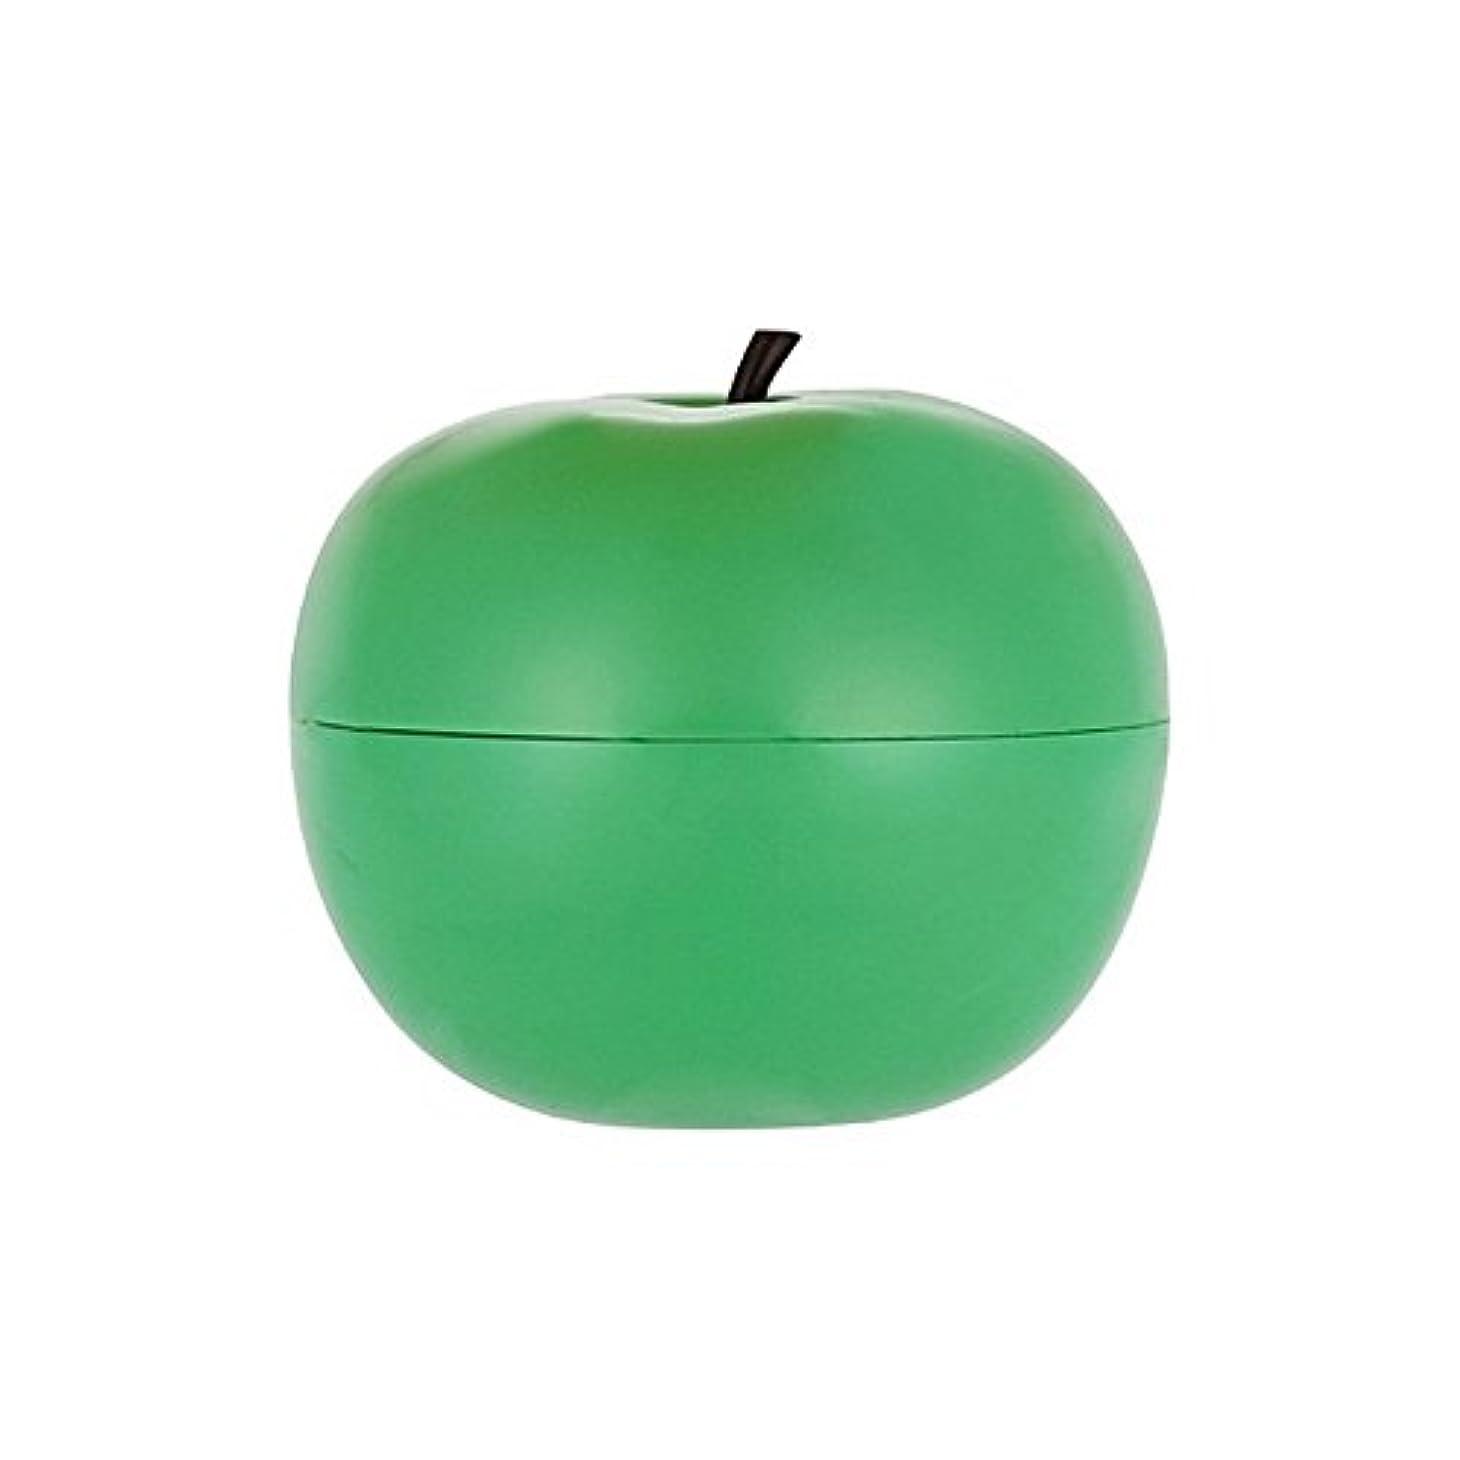 バリケード読みやすさバインドトニーモリースムーズマッサージピーリングクリーム80グラム x2 - Tony Moly Appletox Smooth Massage Peeling Cream 80G (Pack of 2) [並行輸入品]